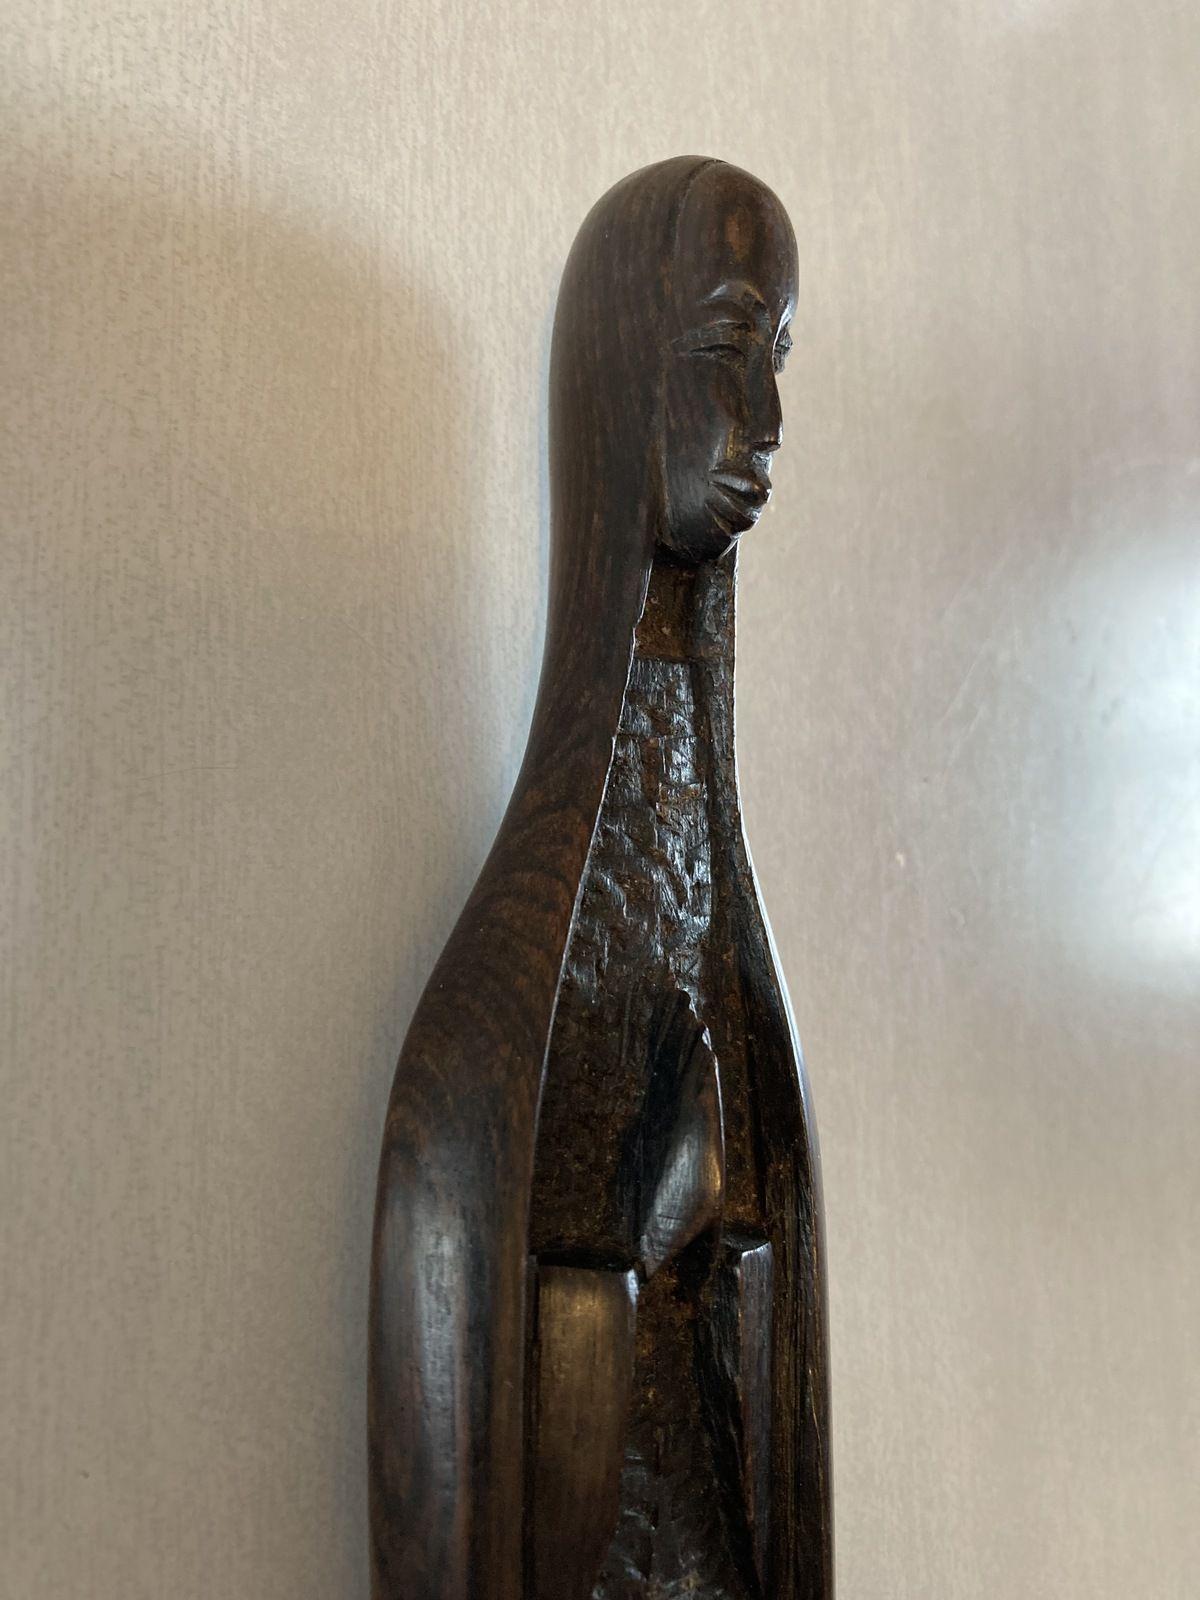 Cette Marie de l'artisanat négro-africain a des traits nettement négroïdes, mais elle est perçue comme la mère de Dieu. Marie est universelle.